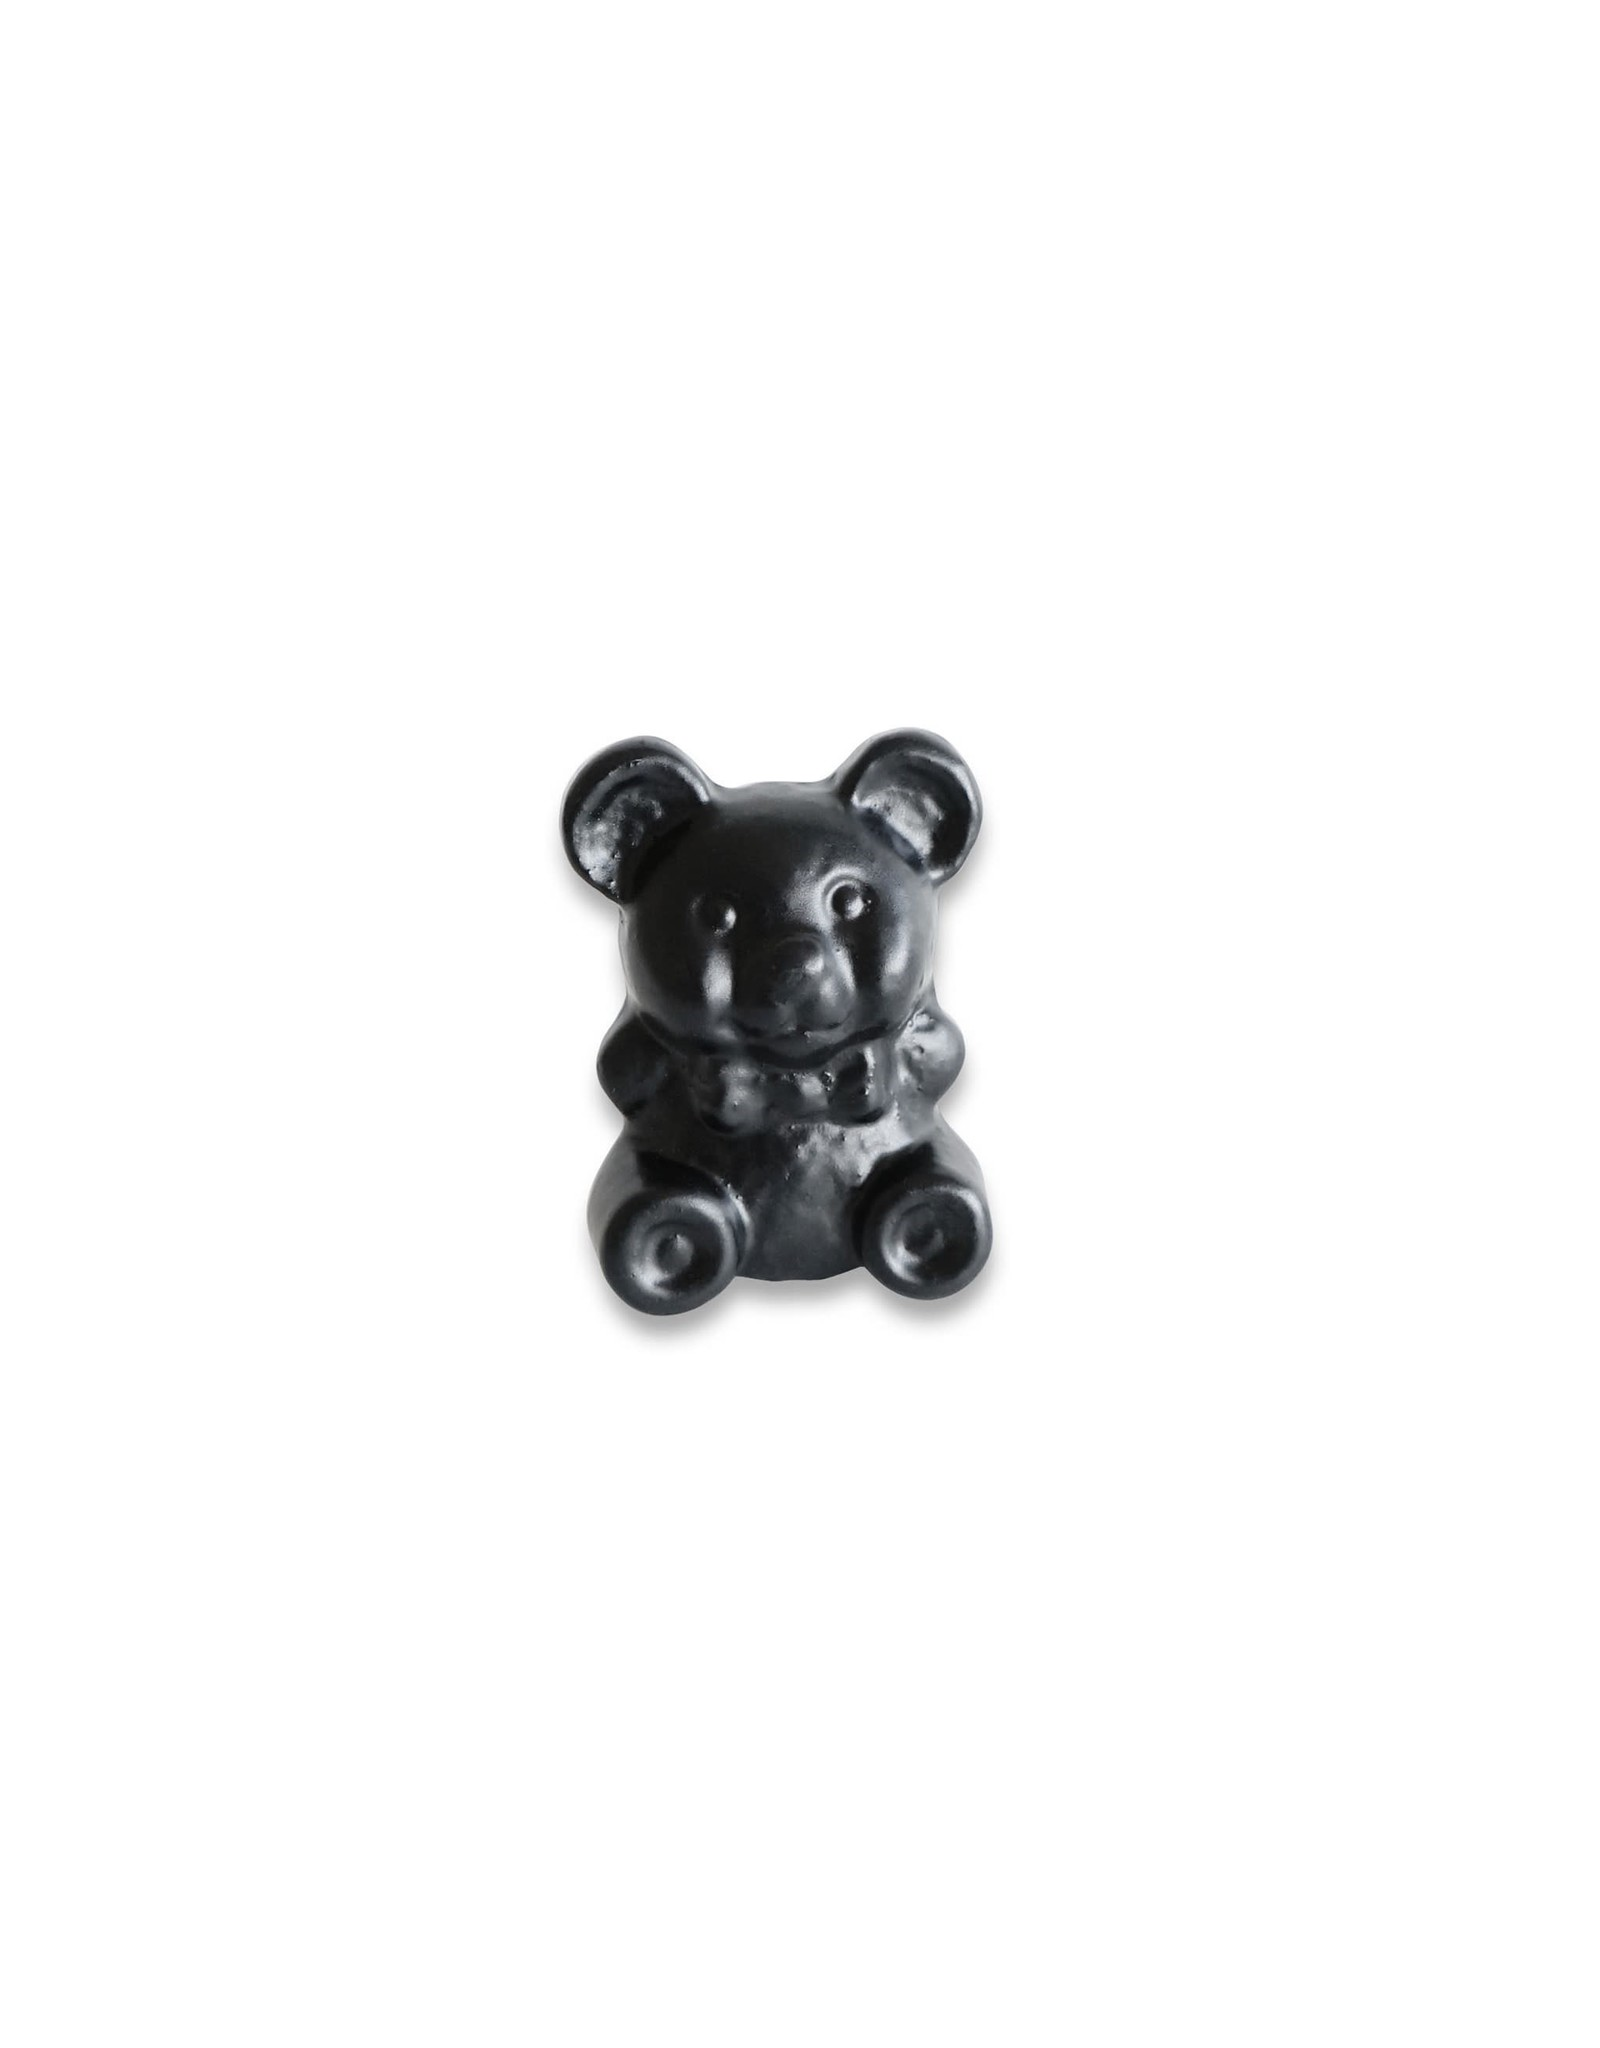 Poignée « Teddy » noire antique